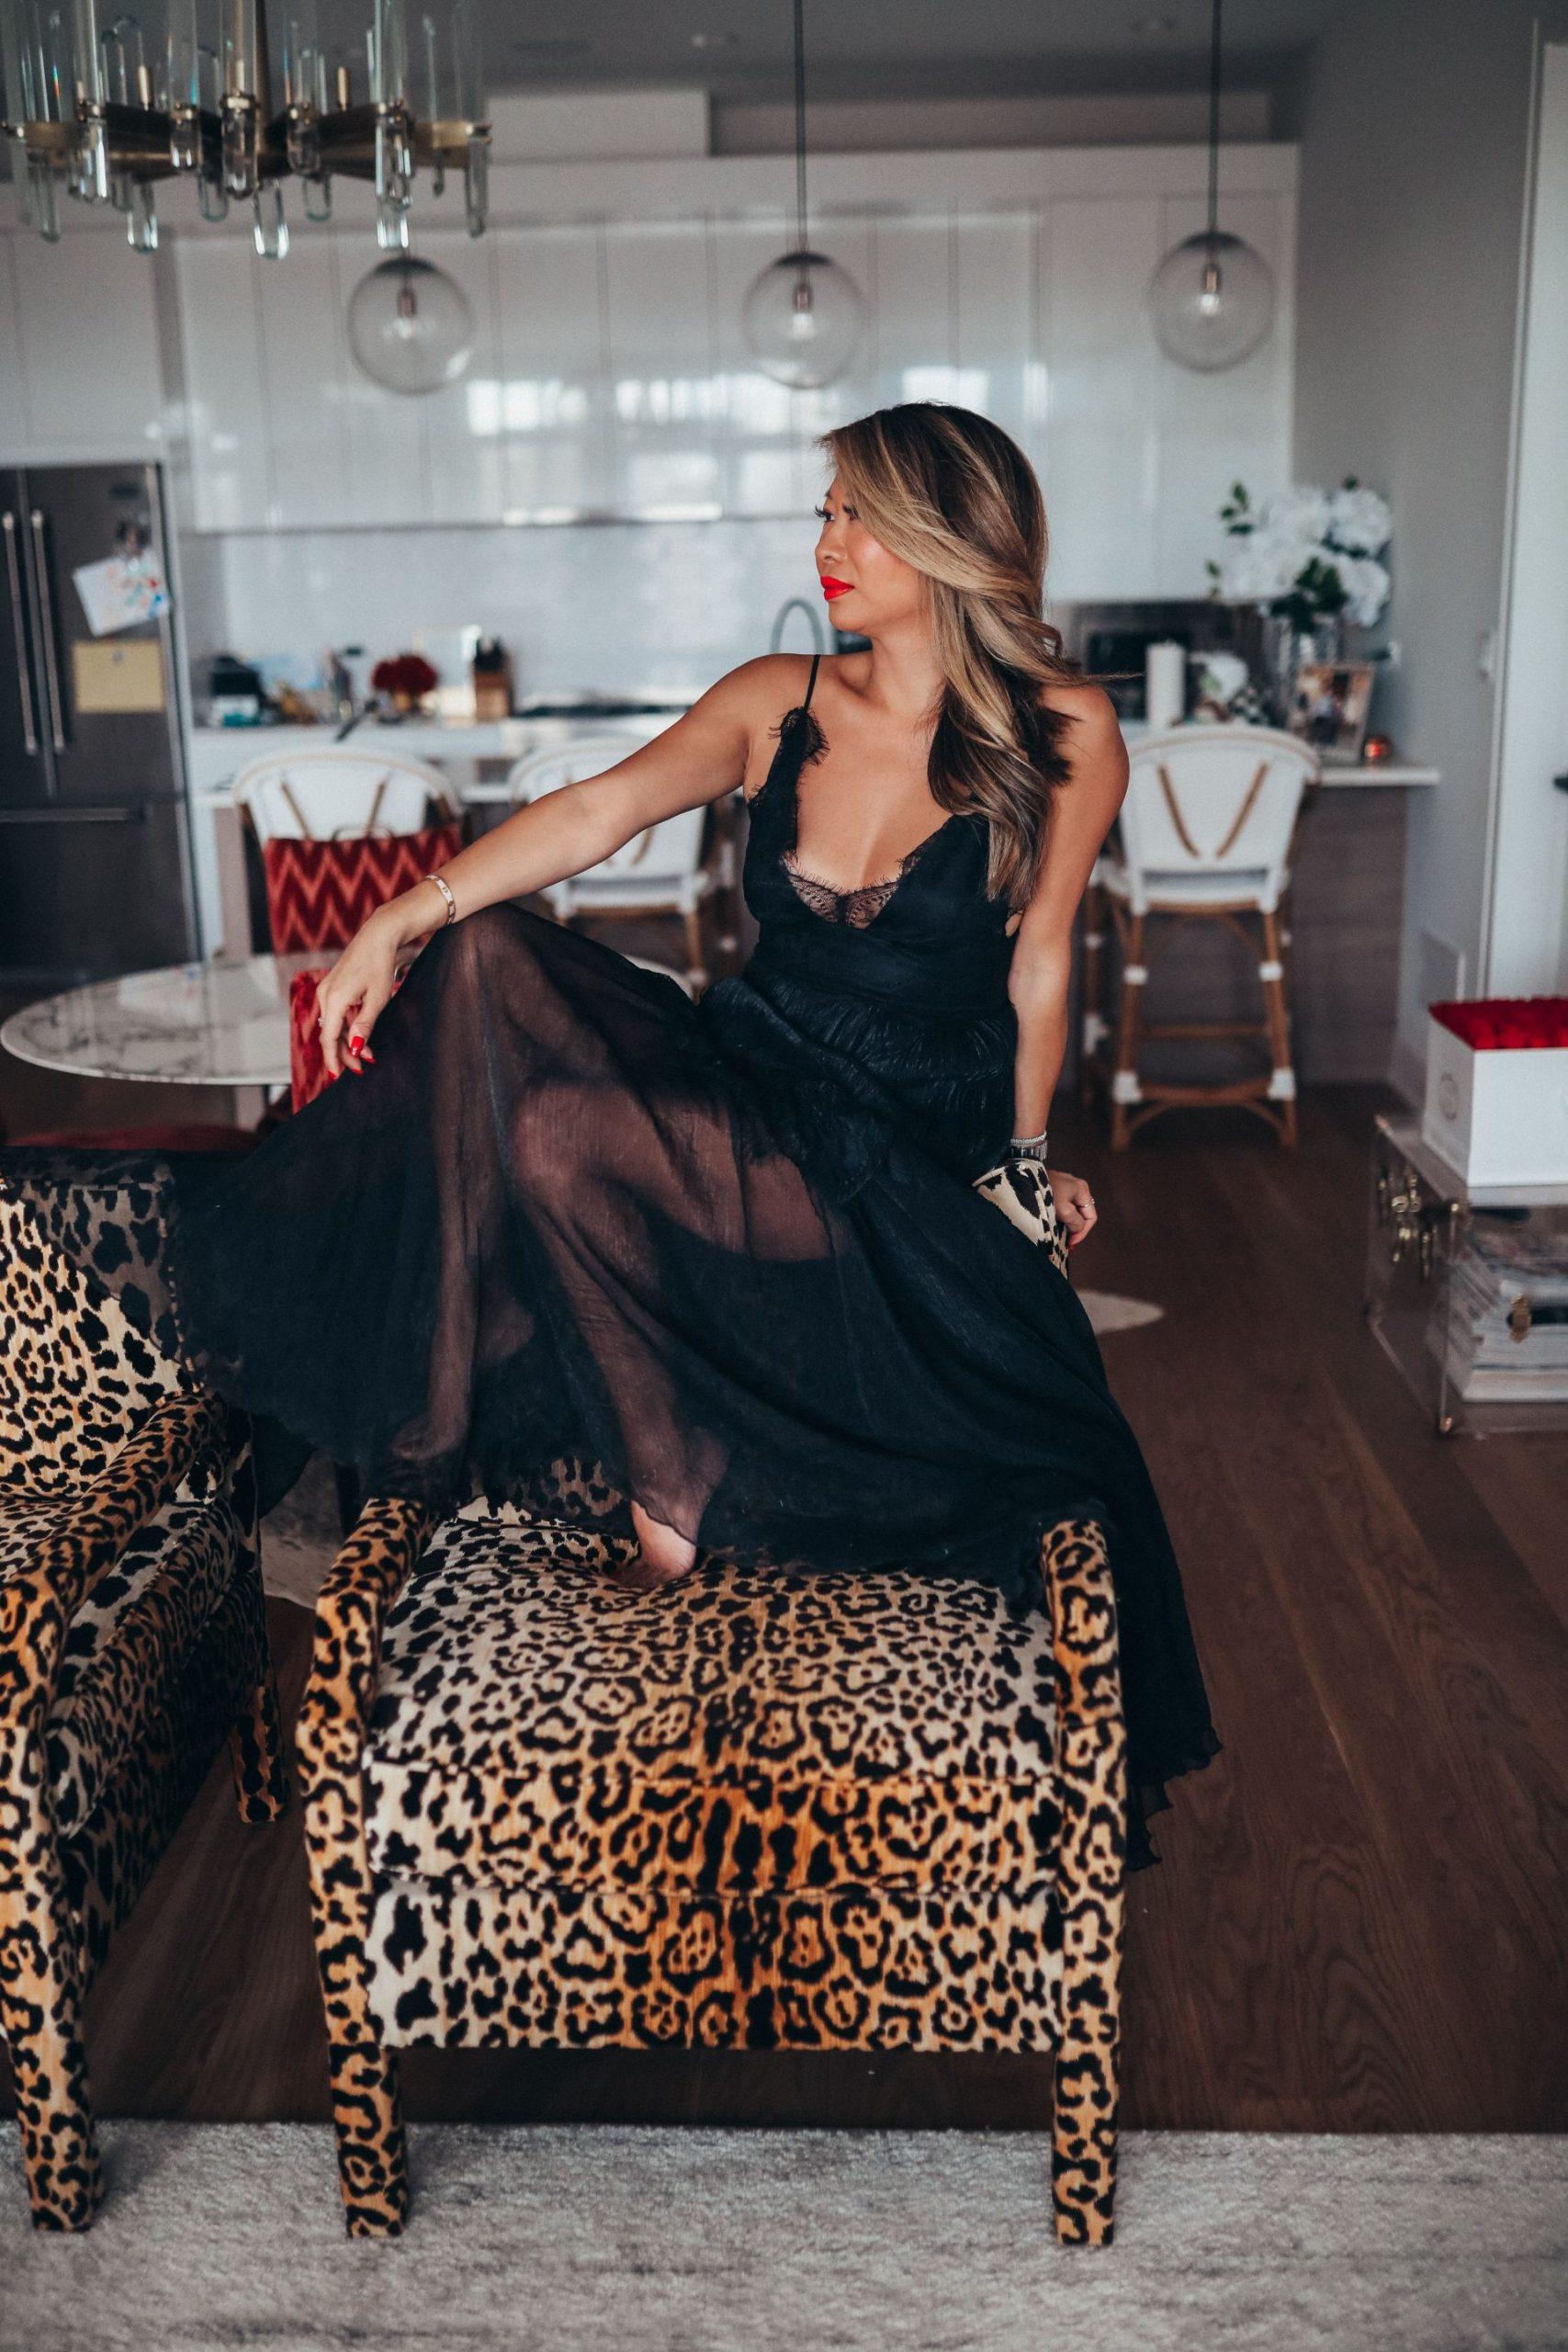 30 Dresses under $100, black dresses for Summer, little black dress, black dress inspiration, how to style a black dress, black dresses for a steal, black dress style